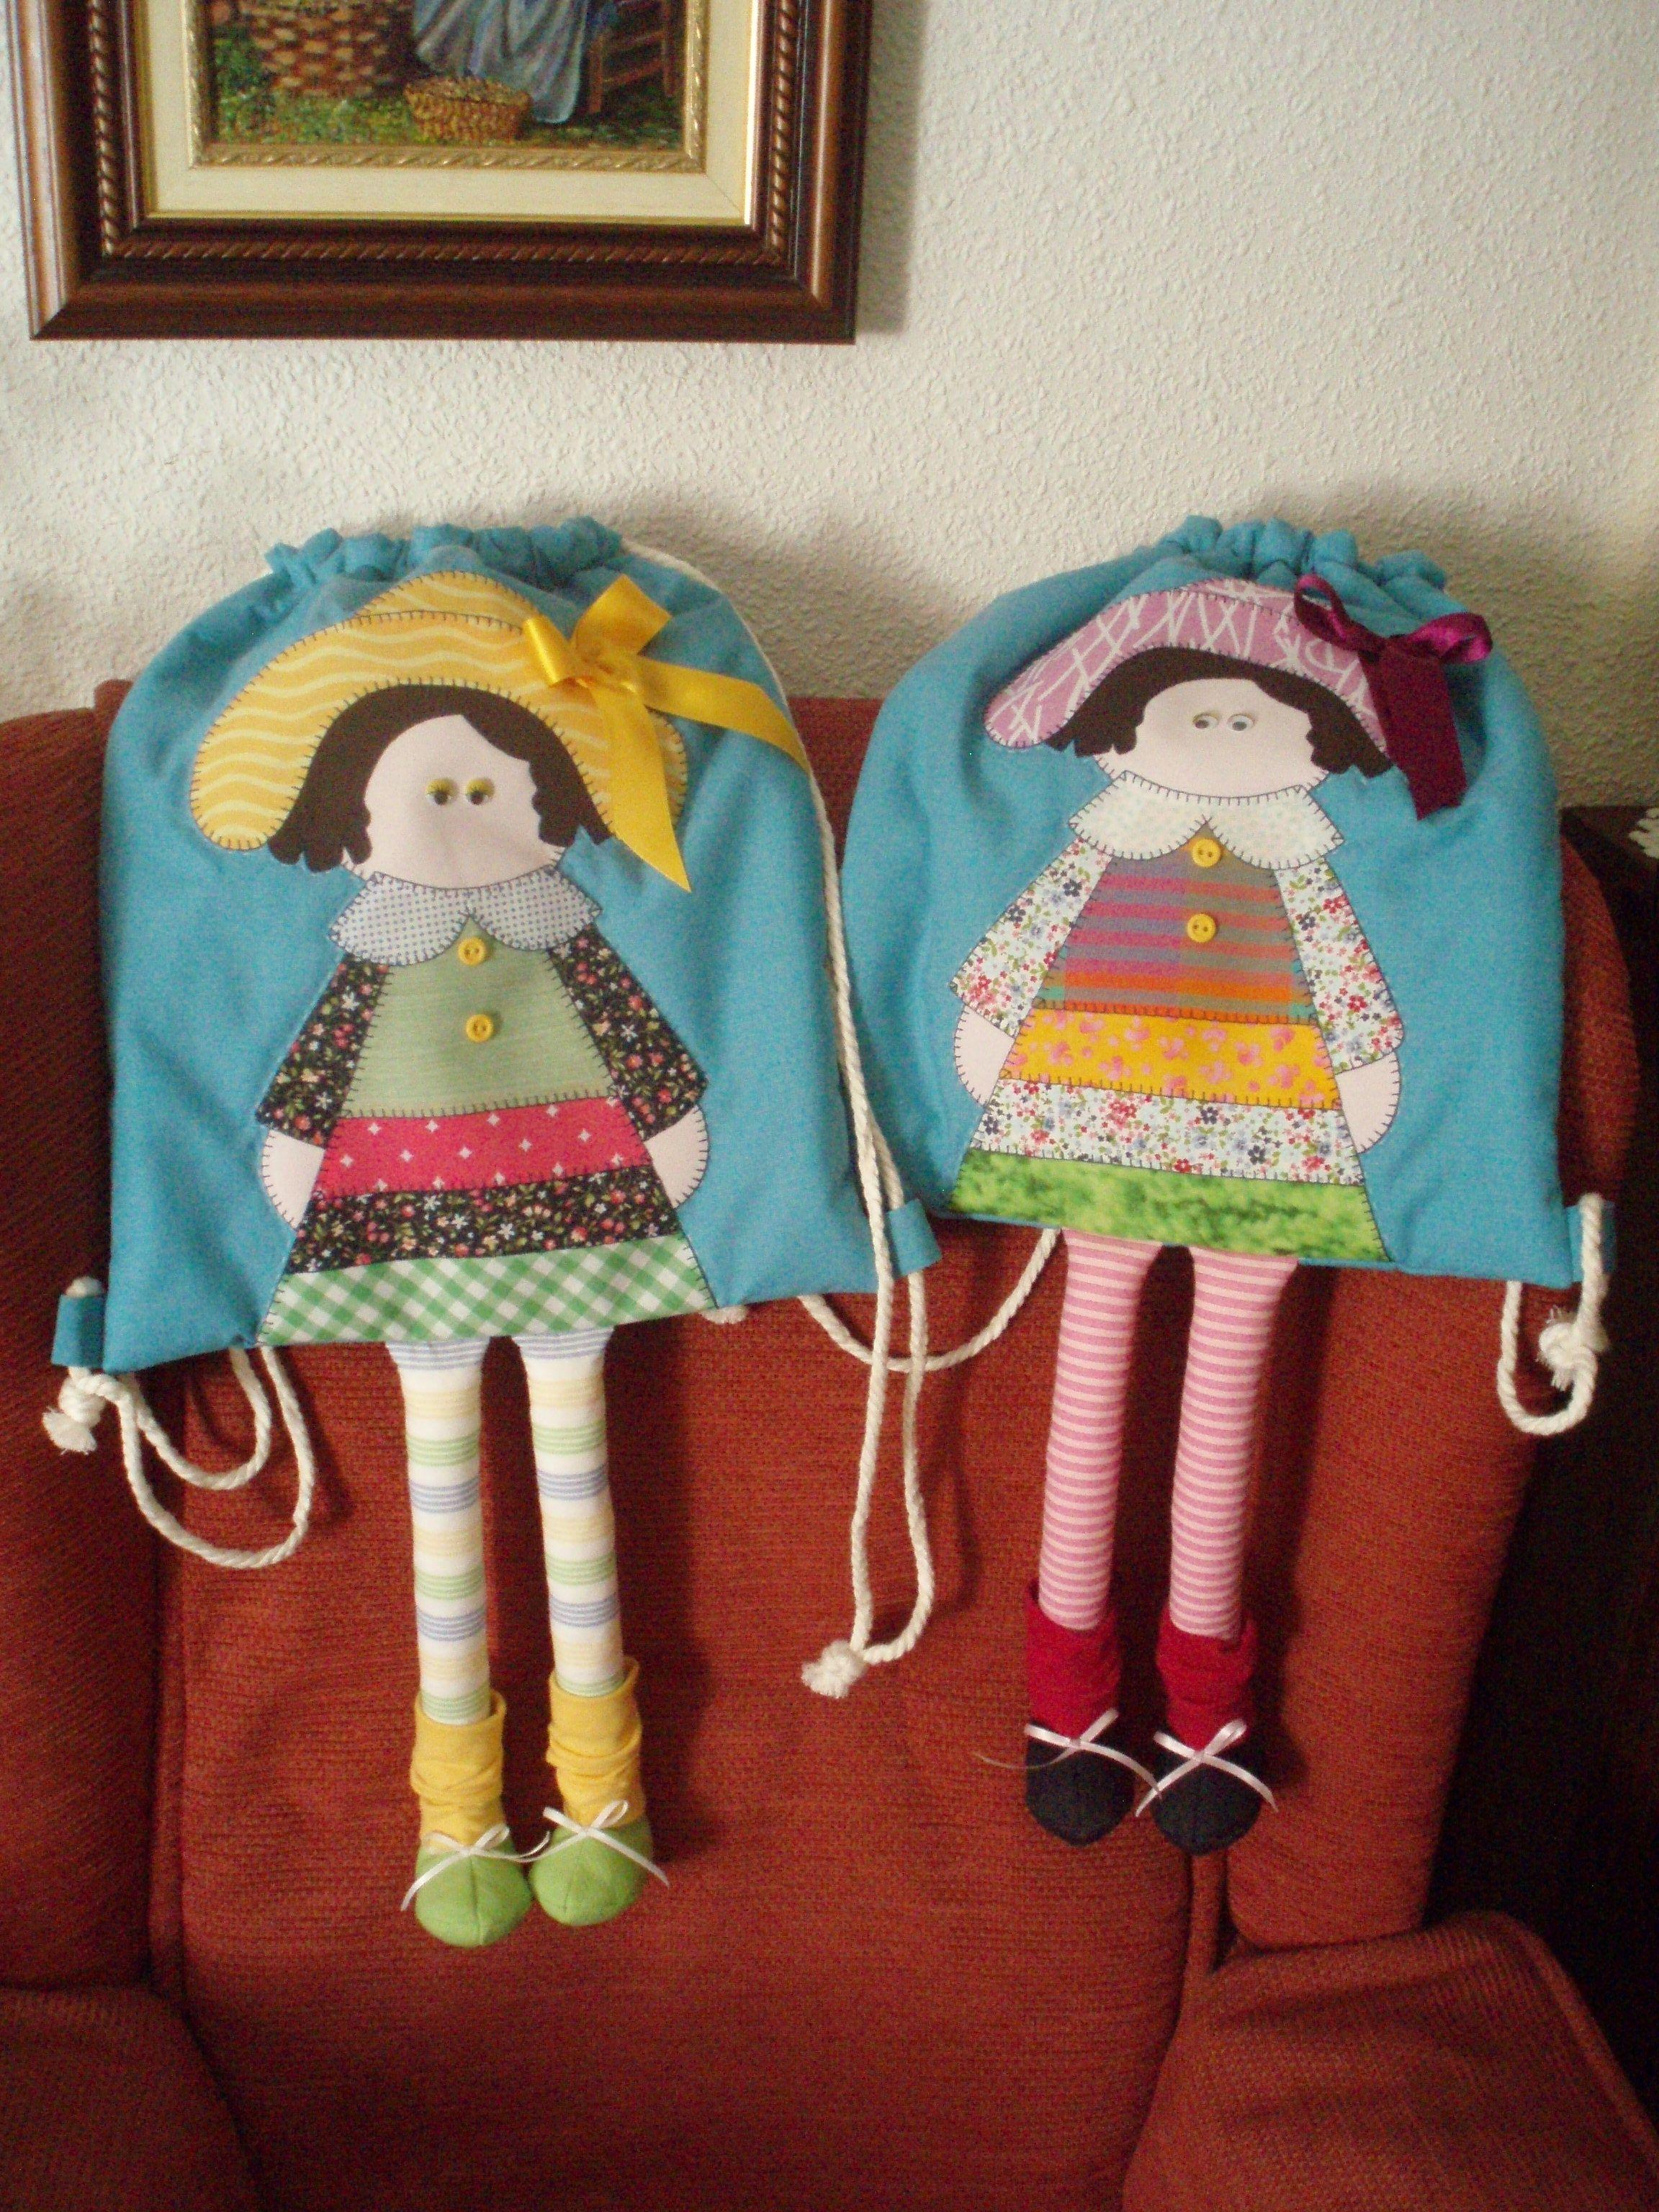 Bolsa muñecas Mochila Para De patilargas Bolso Mochila Infantil Bolsas Mochilas Tecido Almuerzo gwx1O01